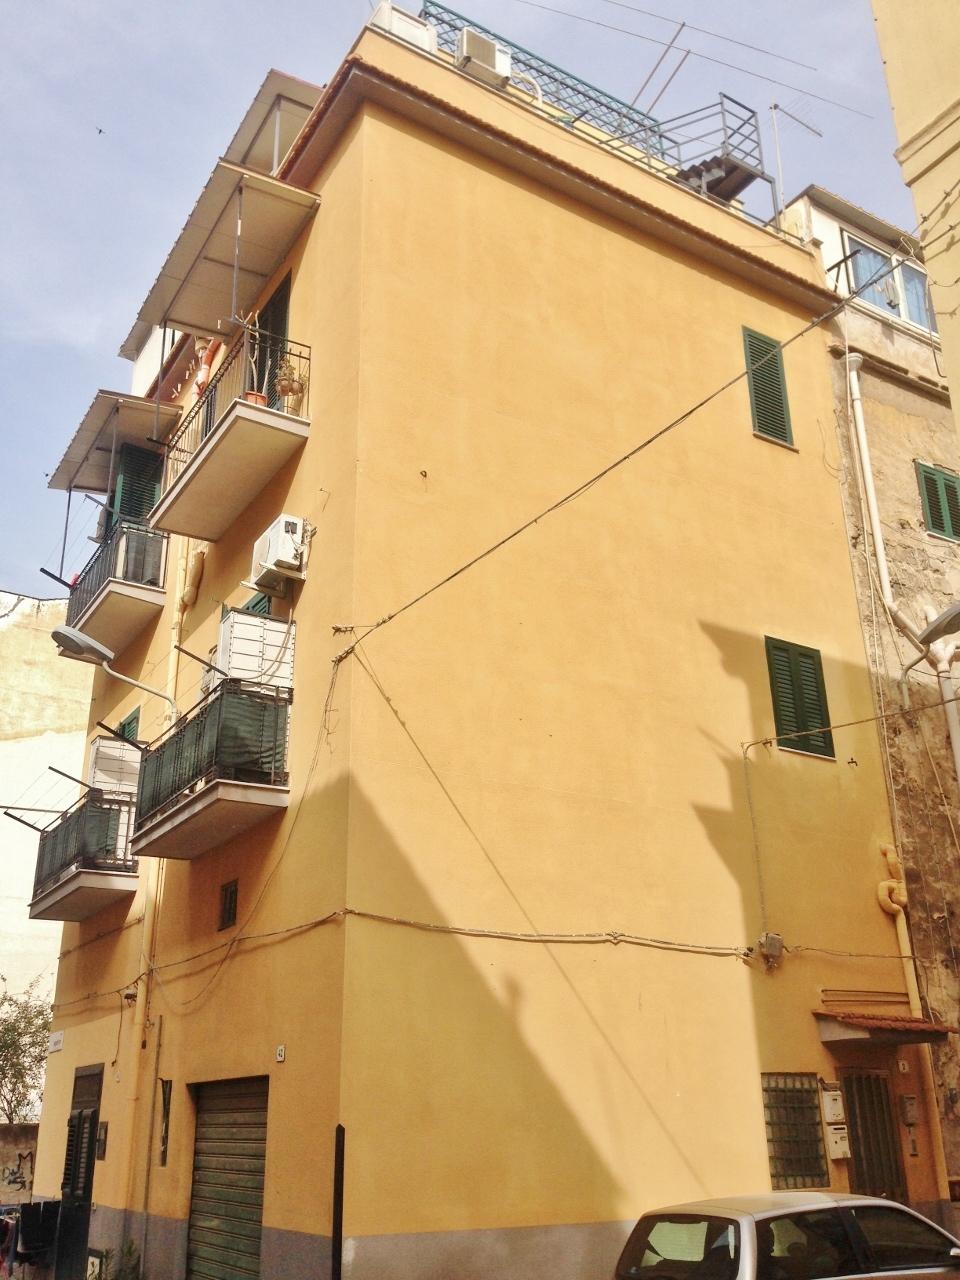 Bilocale Palermo Via Stefano Di Chiara 1